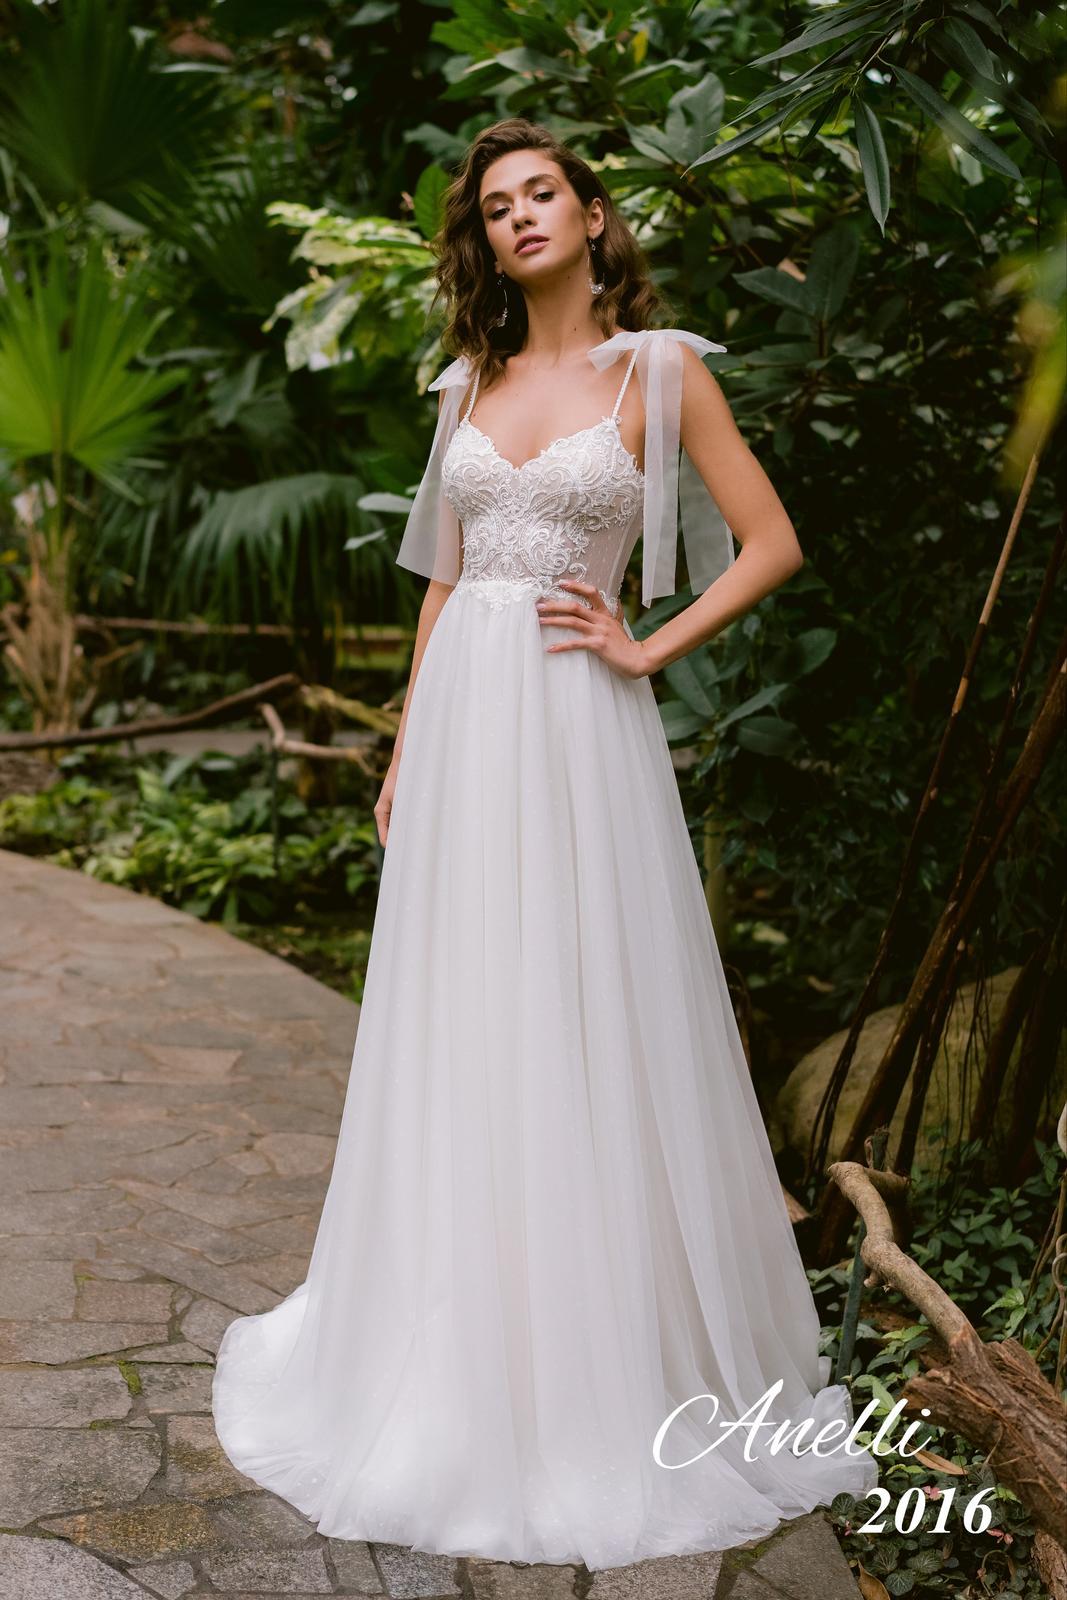 Svadobné šaty - Breeze 2016 - Obrázok č. 1